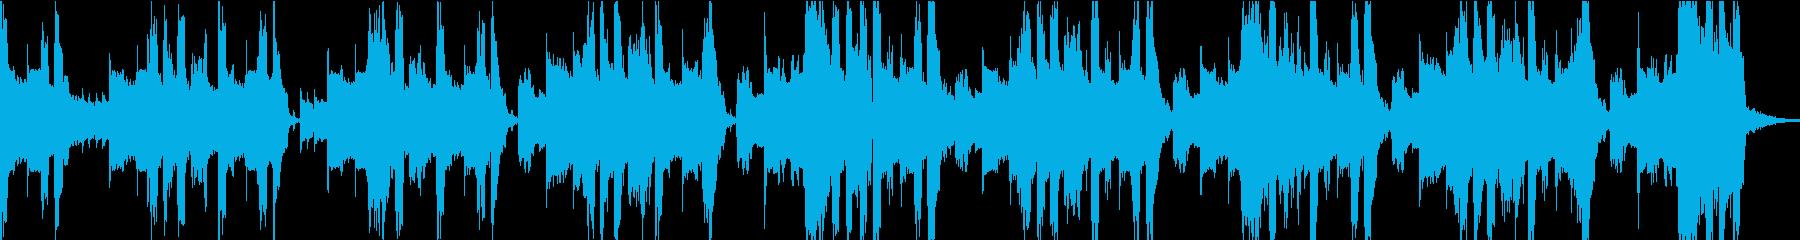 攻撃的なダブステップジングルの再生済みの波形